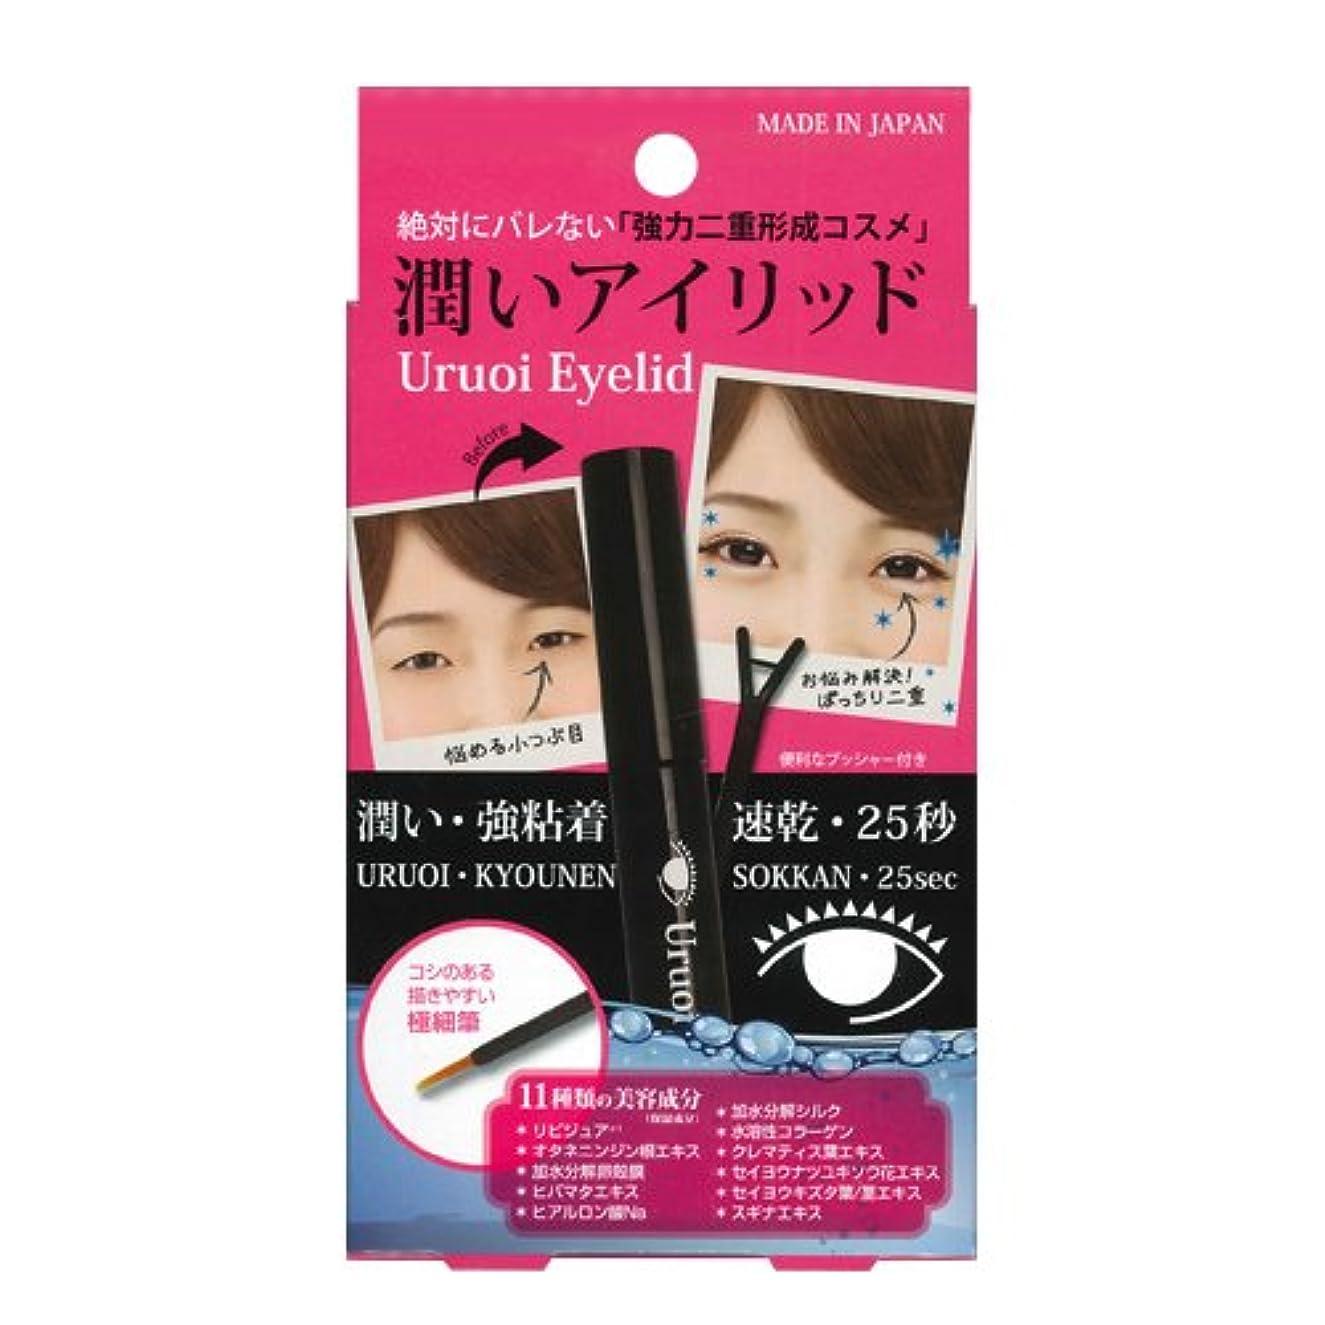 超える報酬ゴミ二重形成化粧品 潤いアイリッド(Uruoi Eyelid)